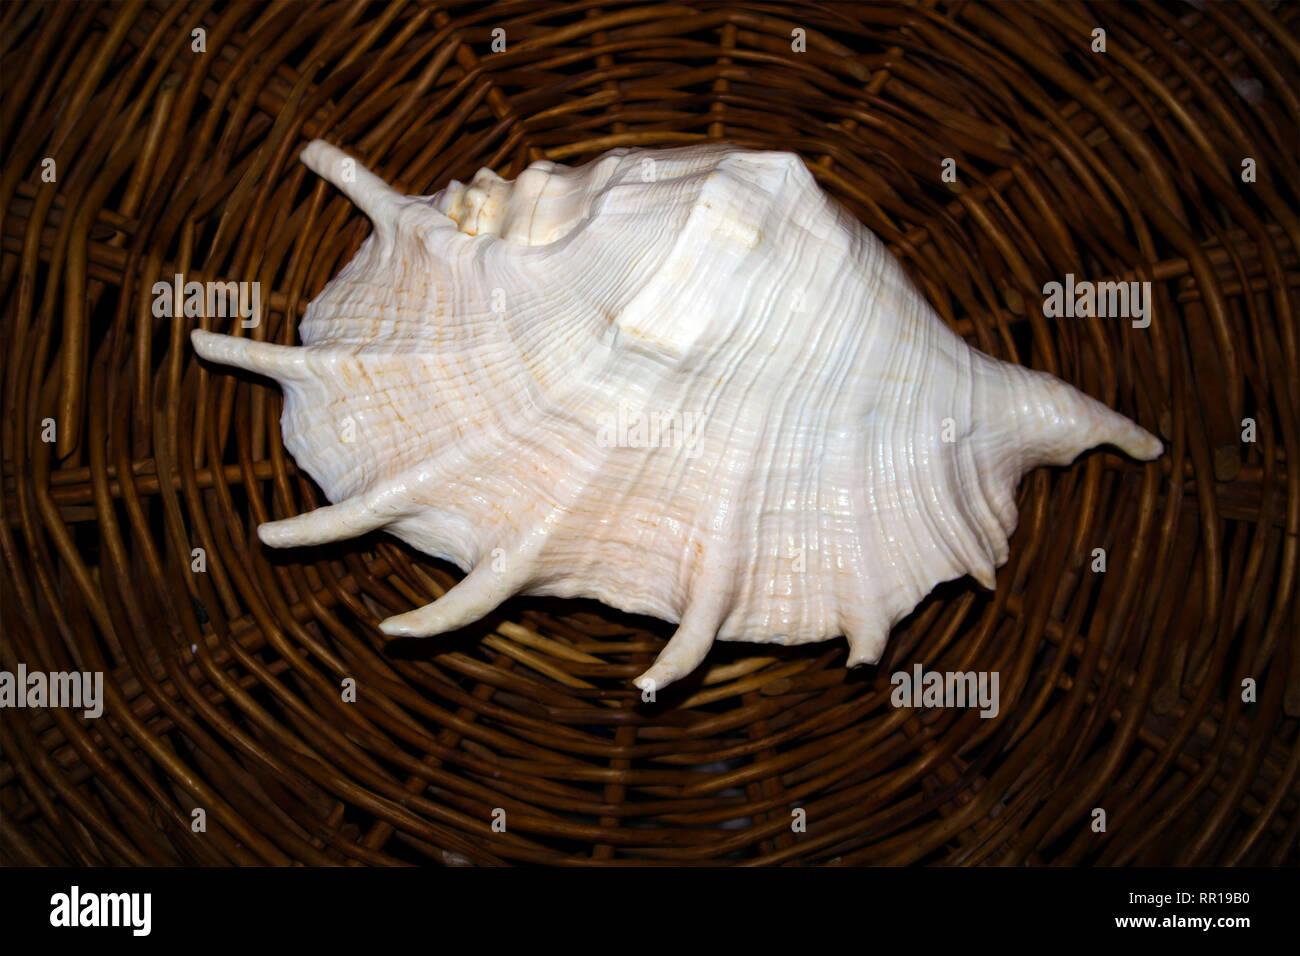 D'énormes coquillages de mer blanc avec une perle ton couché sur un socle en osier Photo Stock